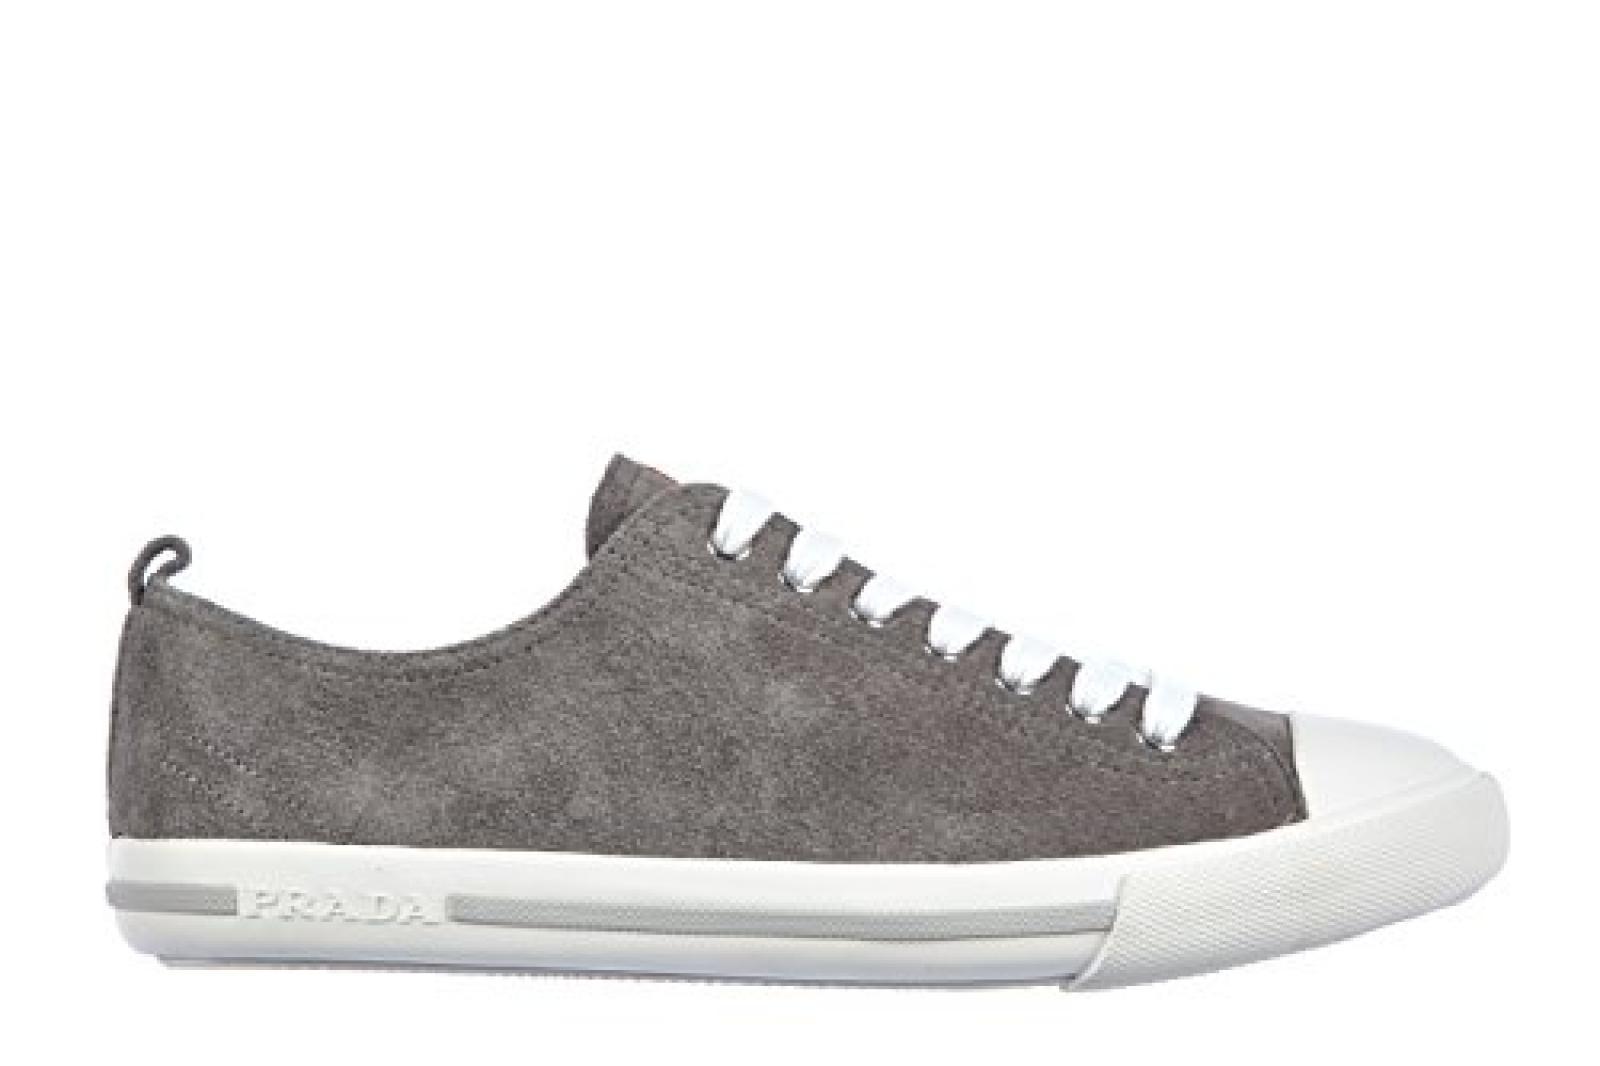 Prada Herrenschuhe Herren Wildleder Sneakers Schuhe velour Grau